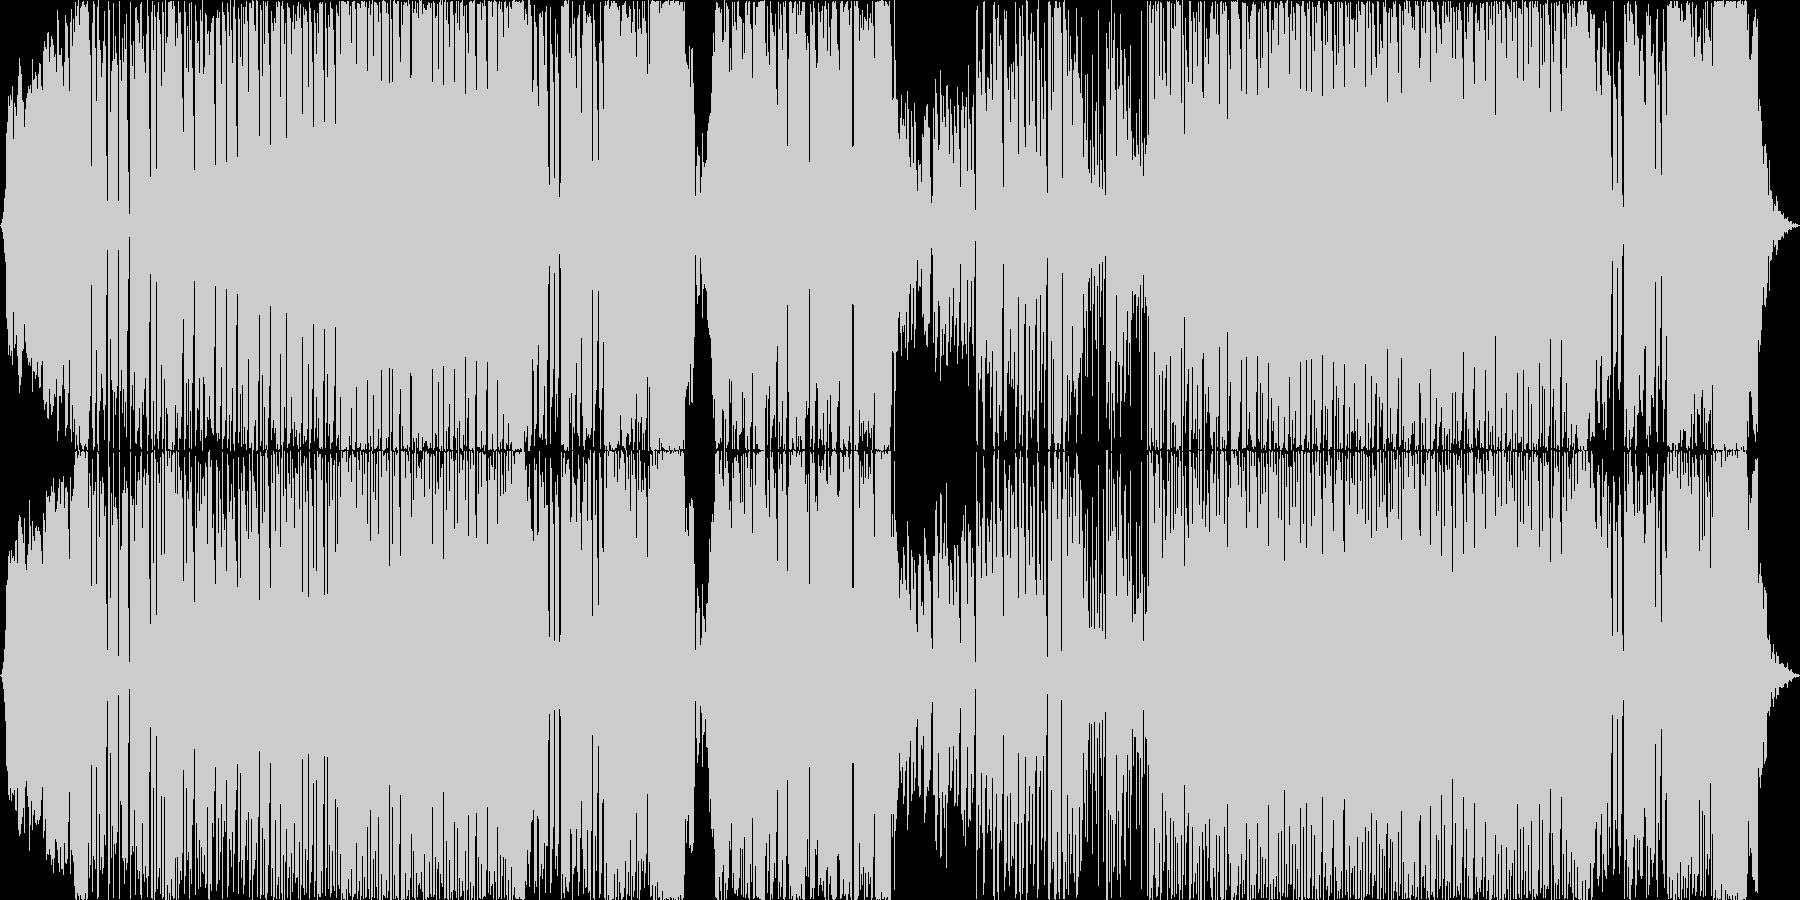 インパクト重視の攻撃的なEDMの未再生の波形